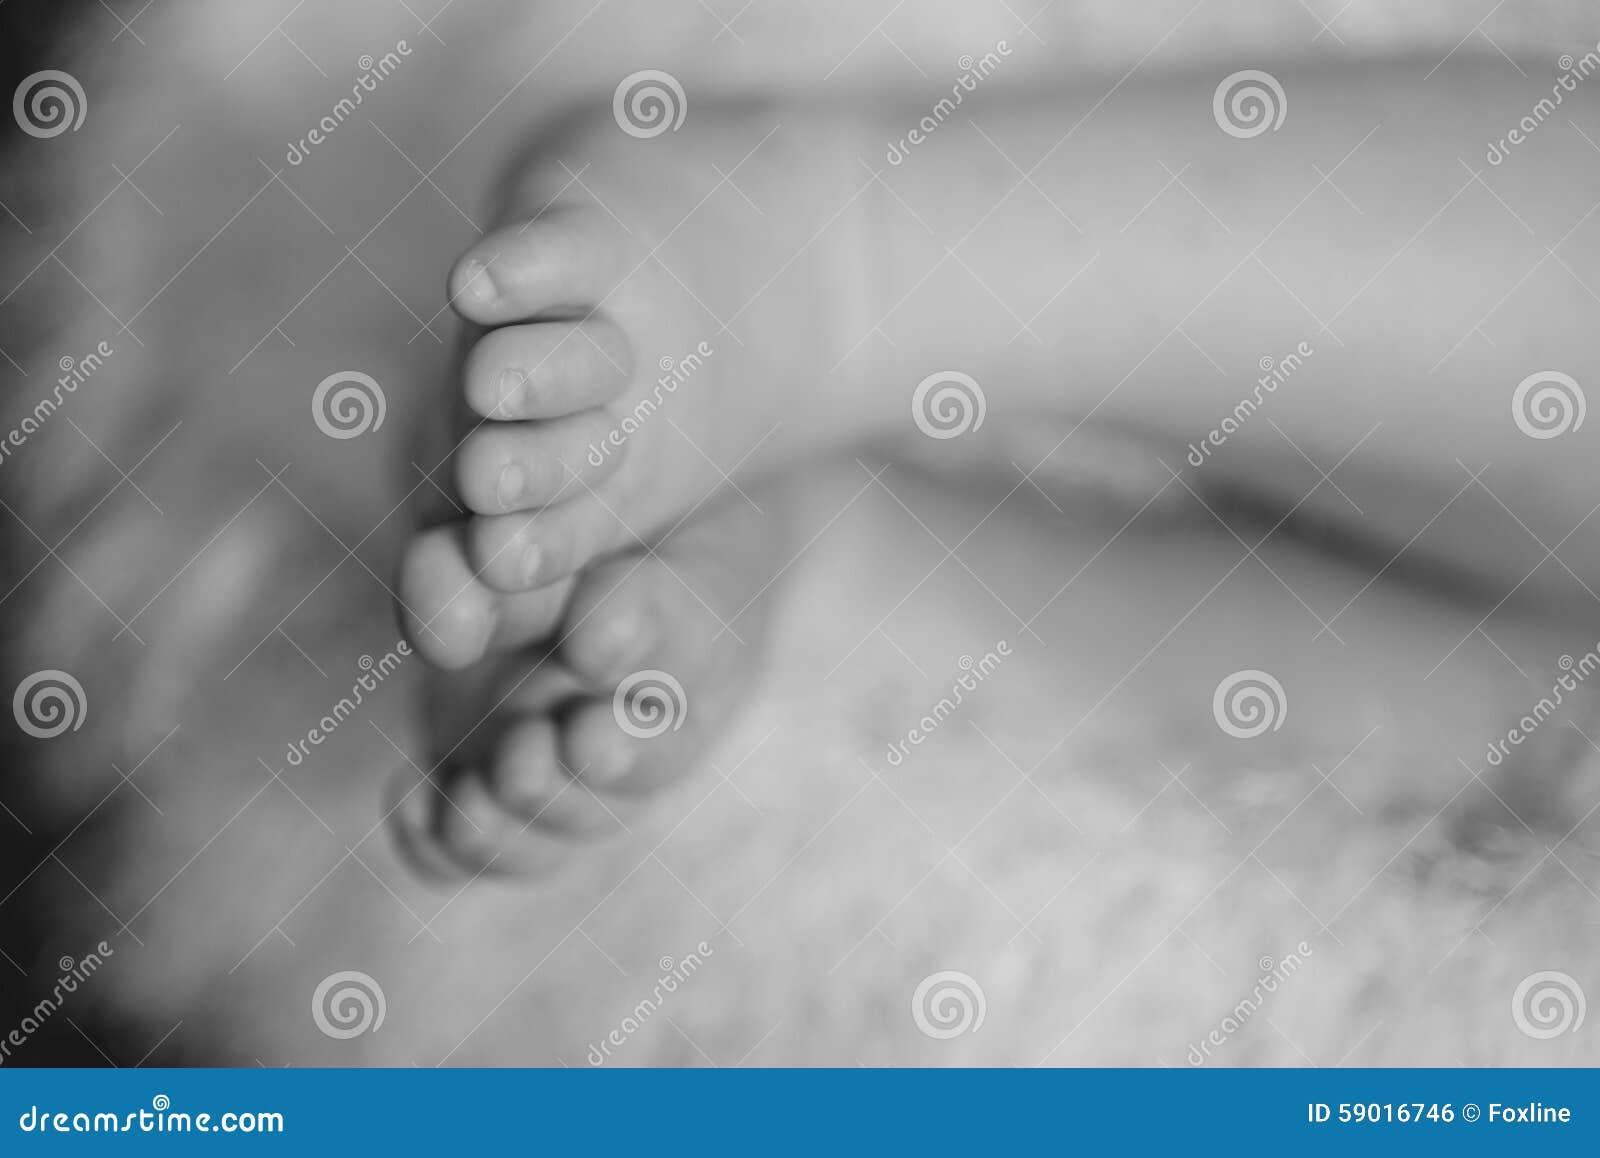 Legs a little baby in basket Legs